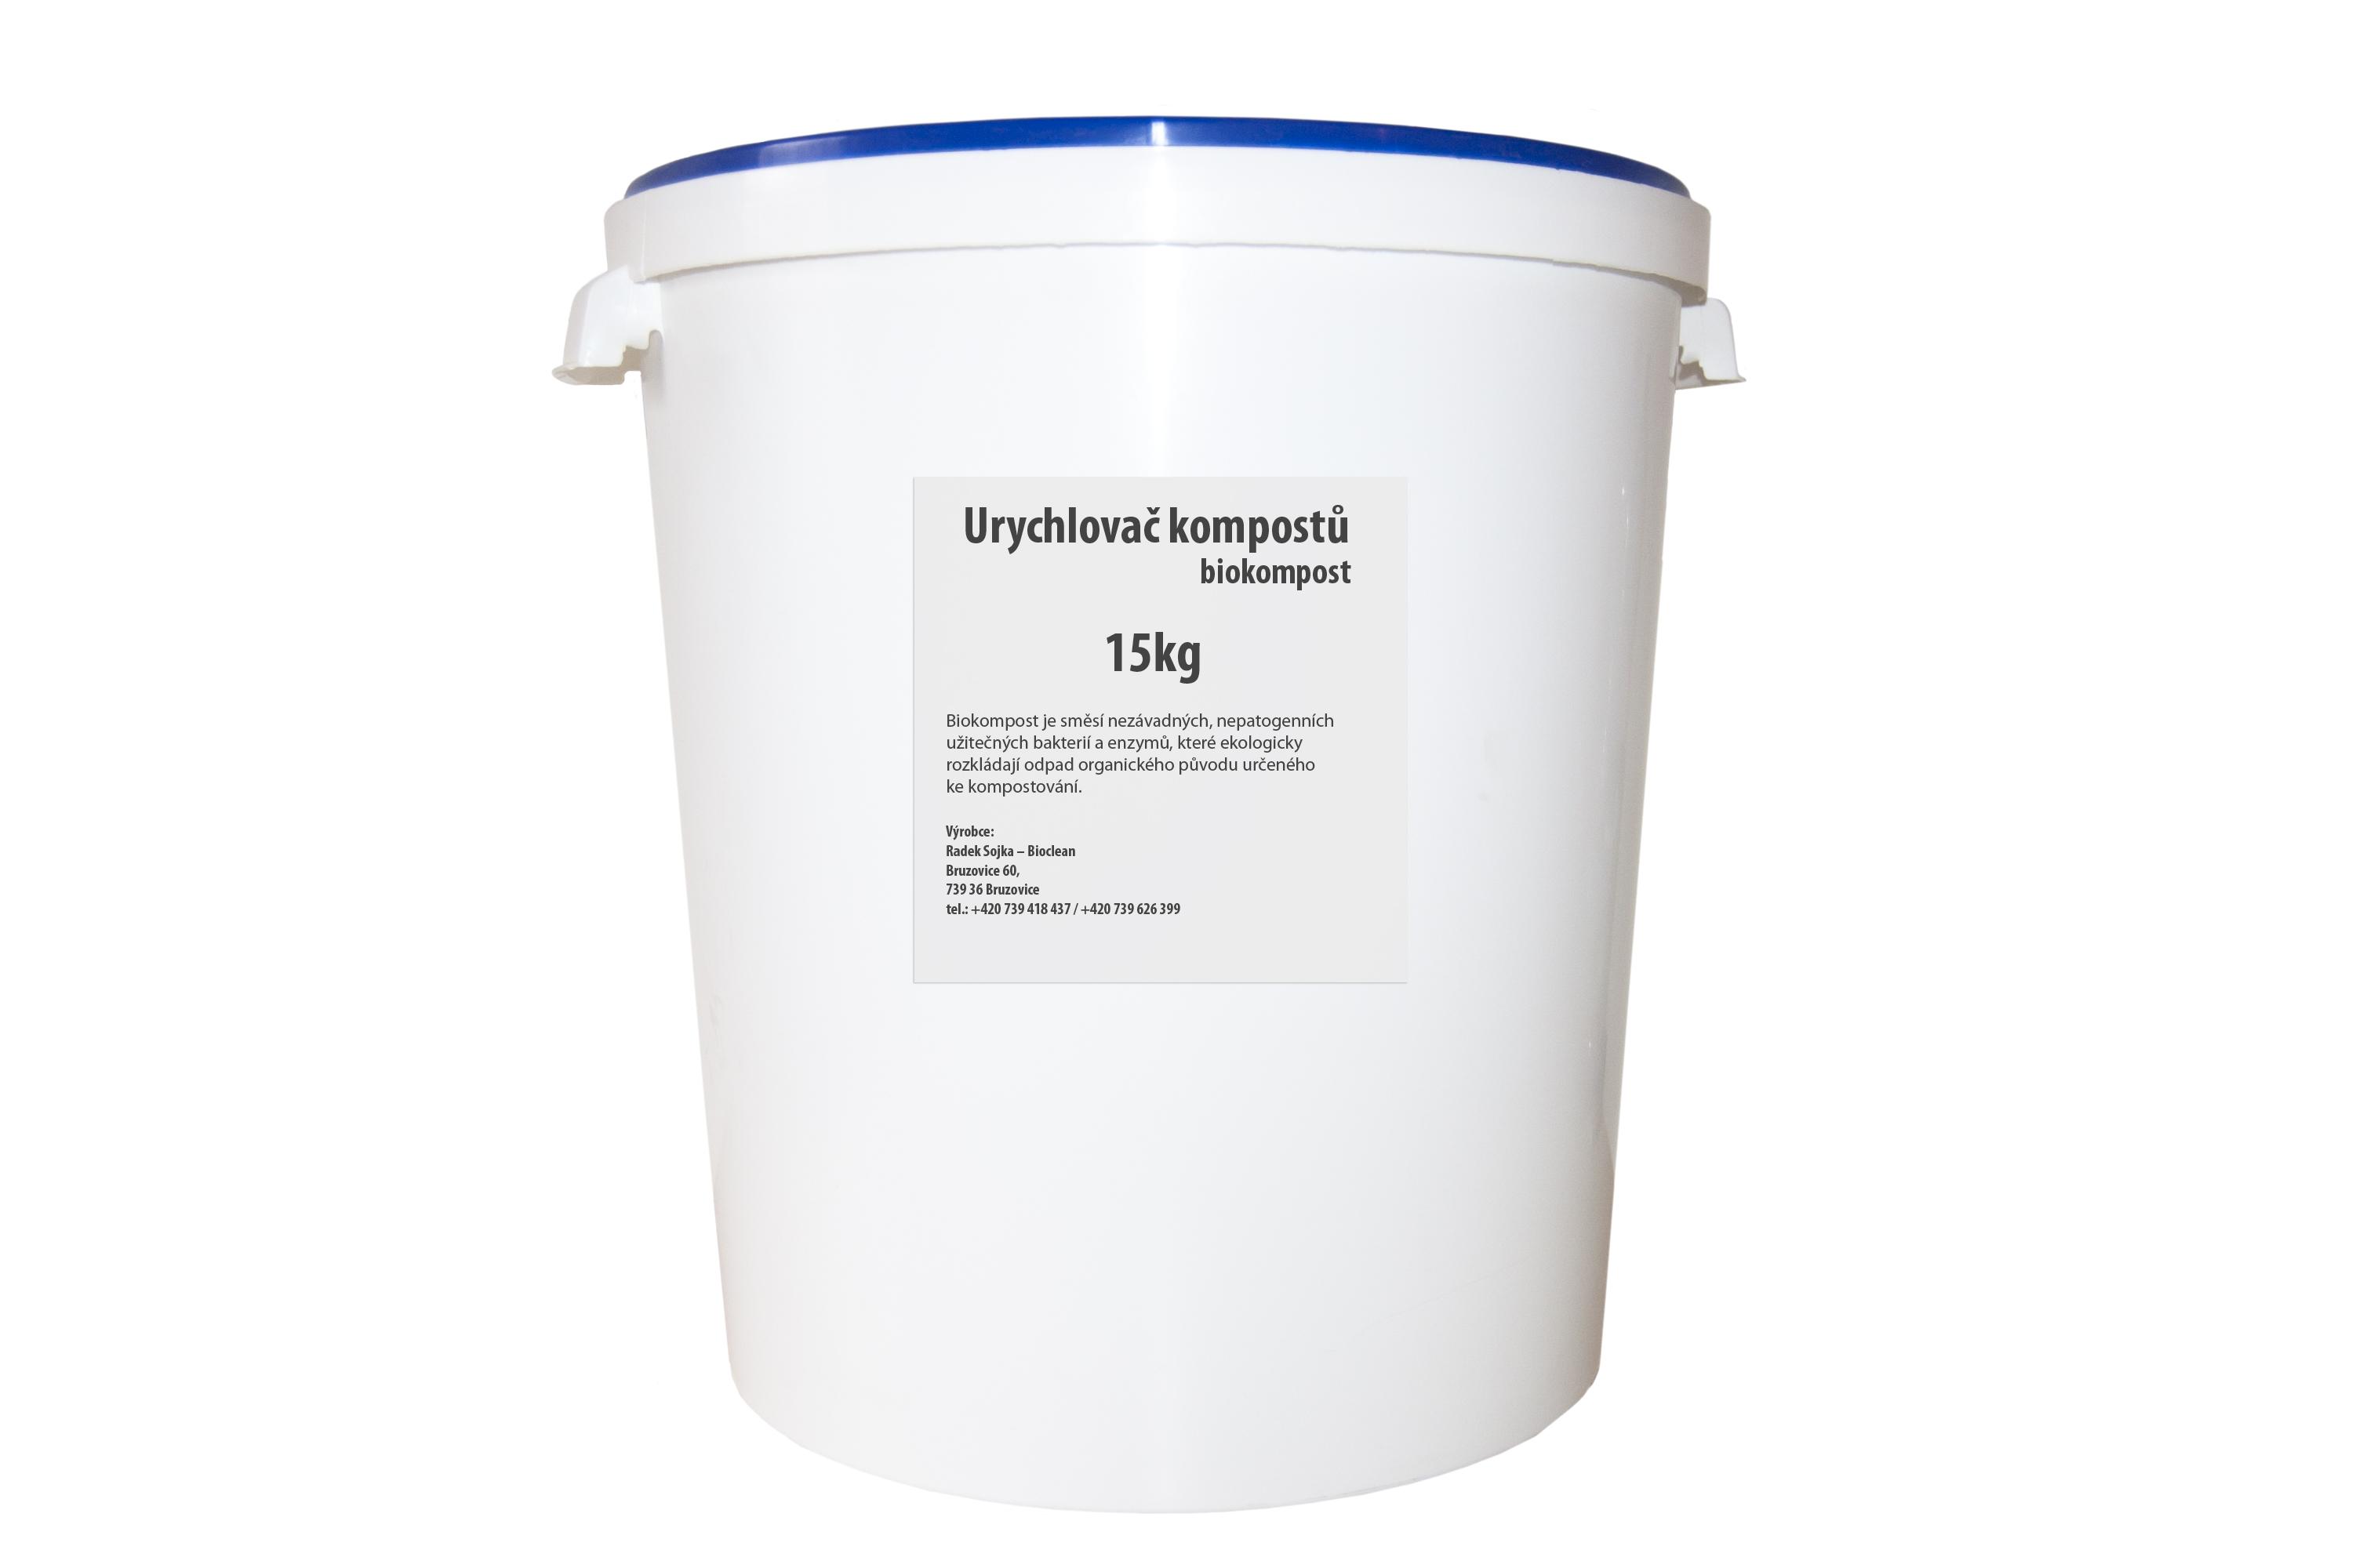 Biokompost urychlovač kompostů 15kg